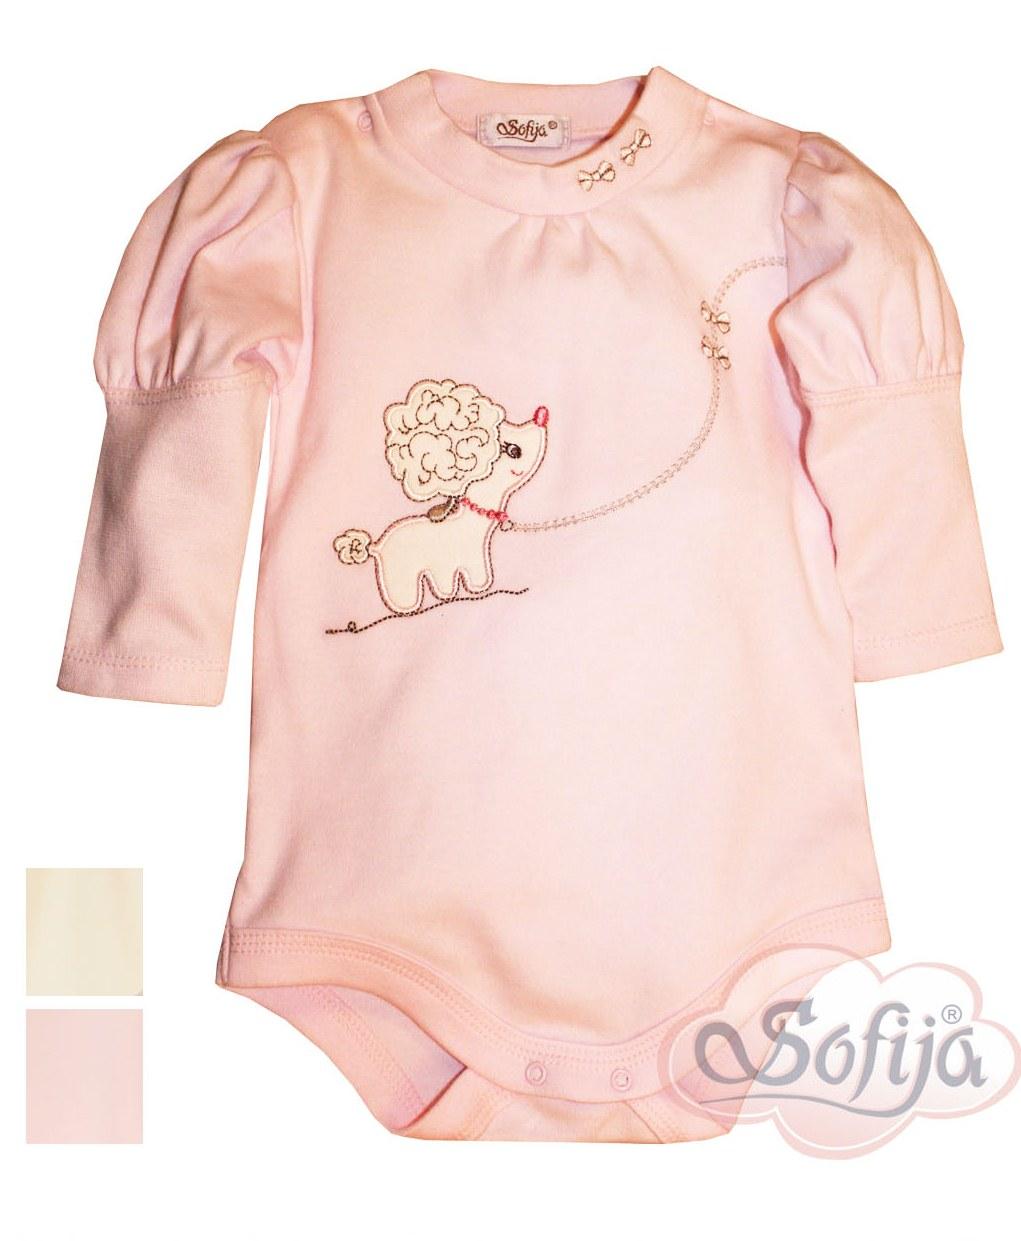 Sofia Интернет Магазин Женской Одежды Доставка